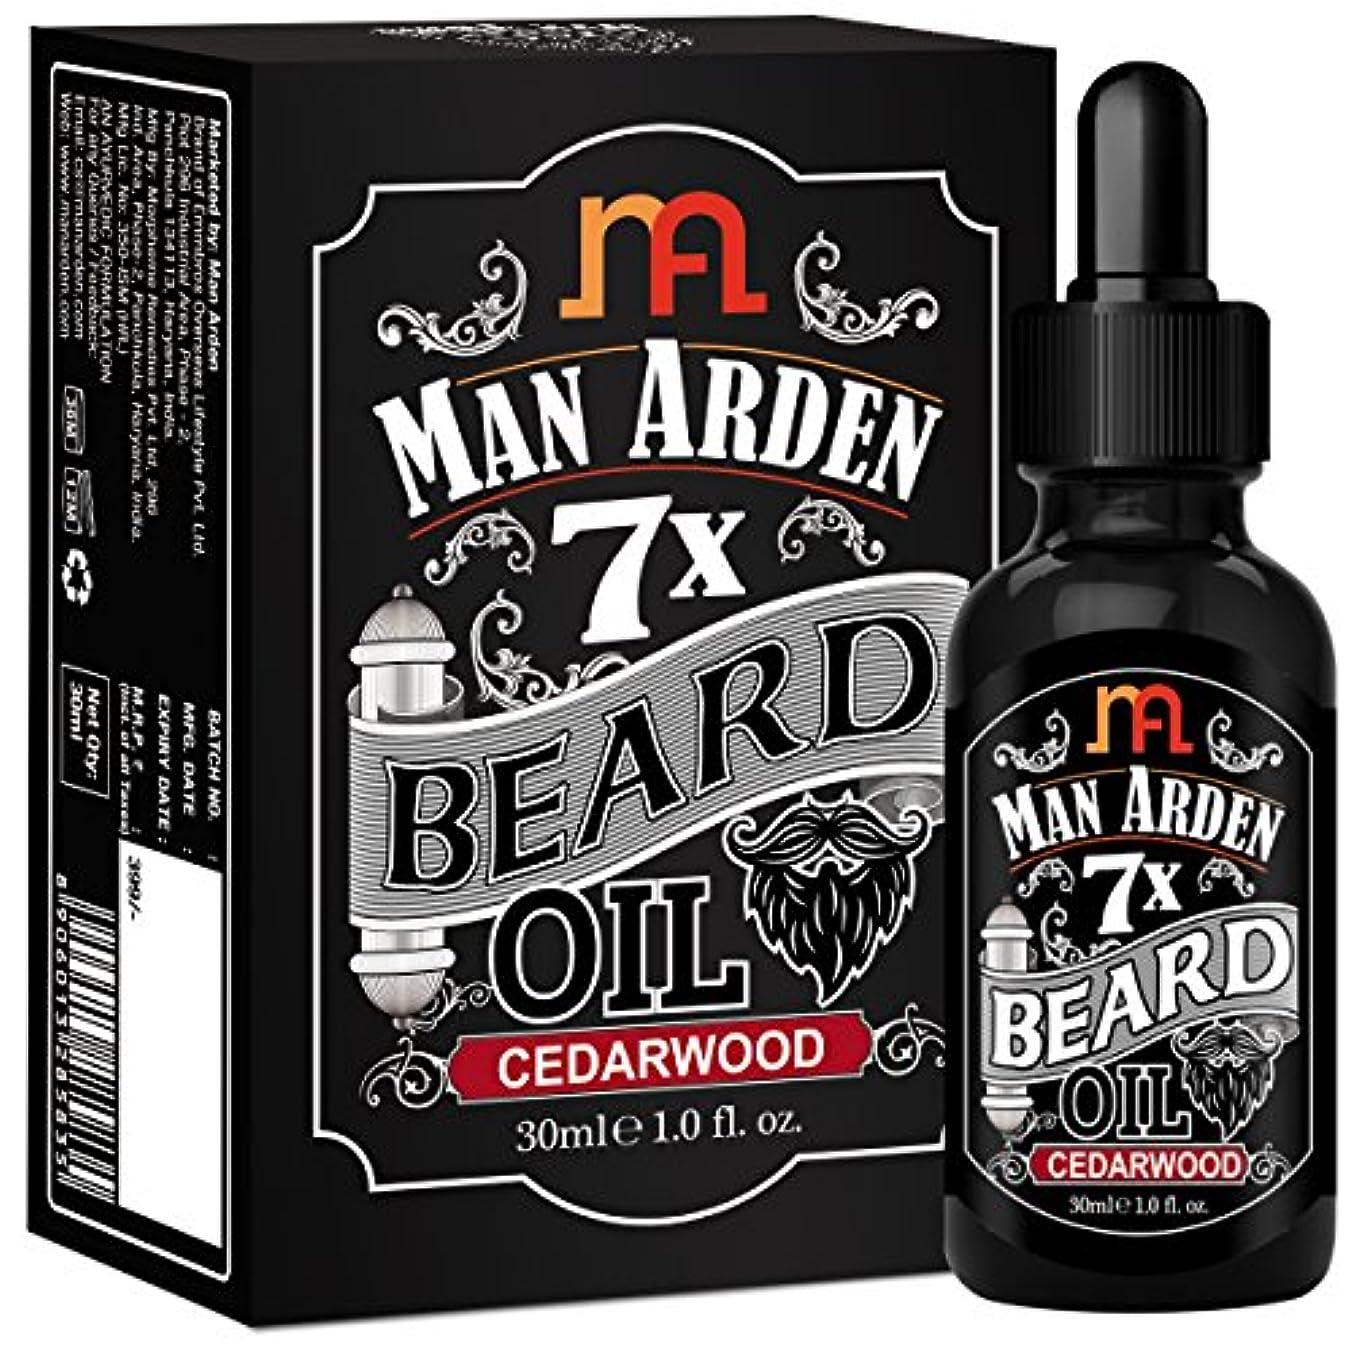 ロケーション途方もない妻Man Arden 7X Beard Oil 30ml (Cedarwood) - 7 Premium Oils Blend For Beard Growth & Nourishment